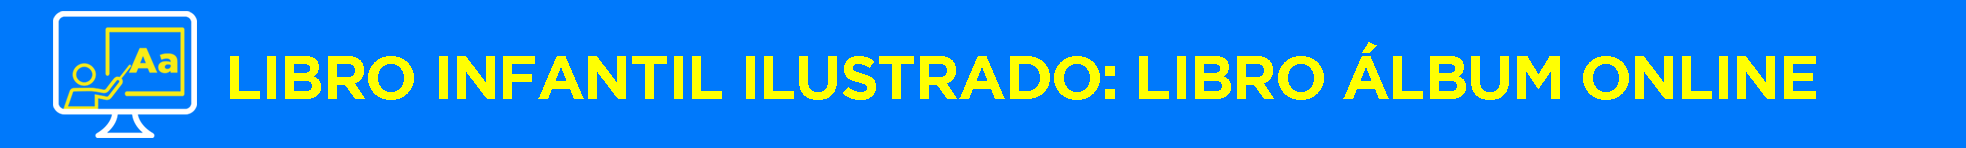 Banner título Libro infantil Online